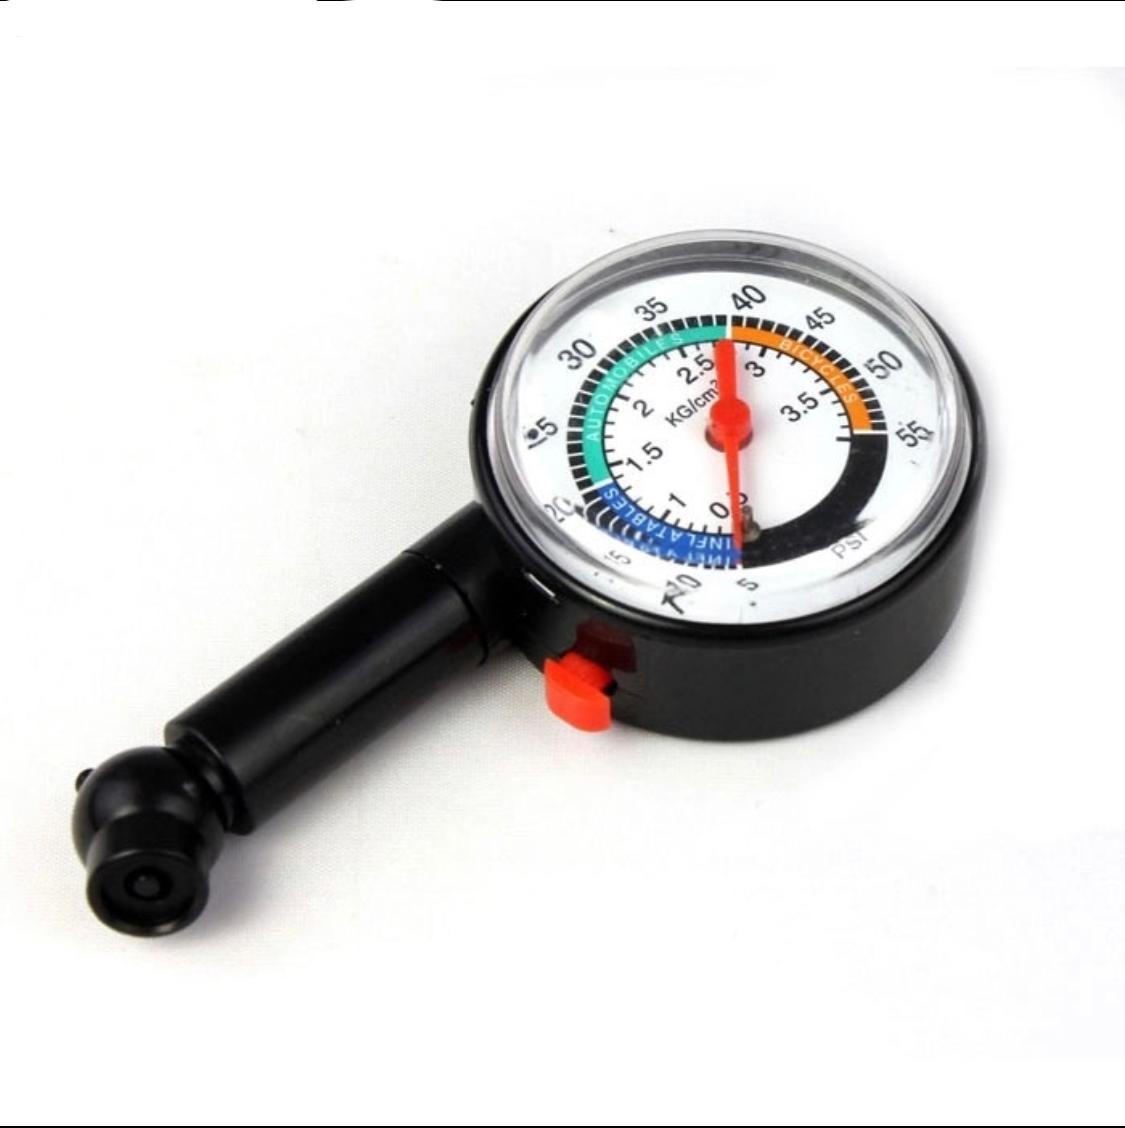 New Auto Motor Car Truck Bike Tyre  Air Pressure Gauge Meter